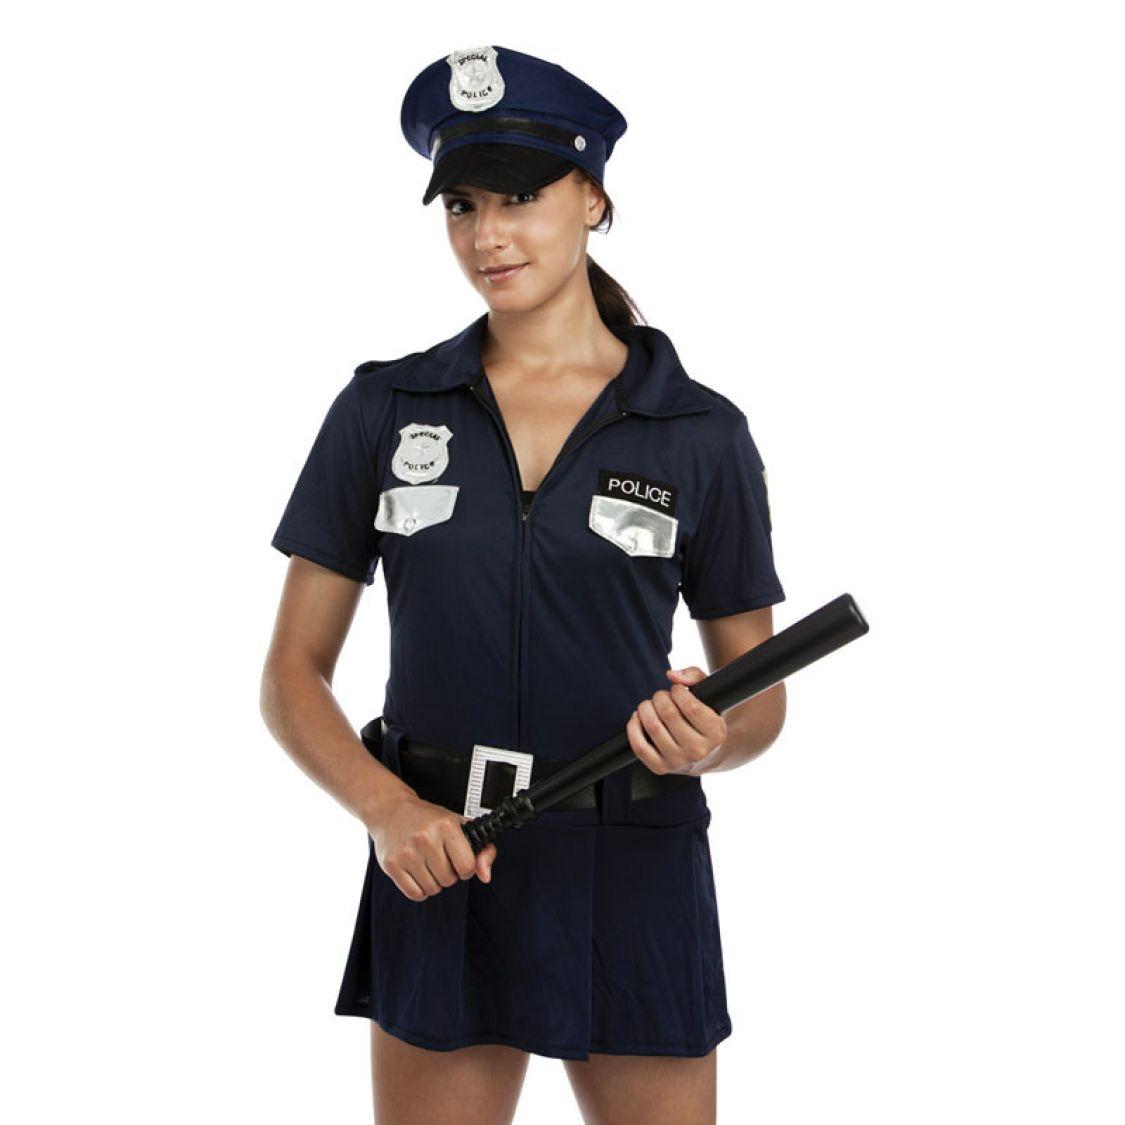 Dguisement Policire Sexy Femme